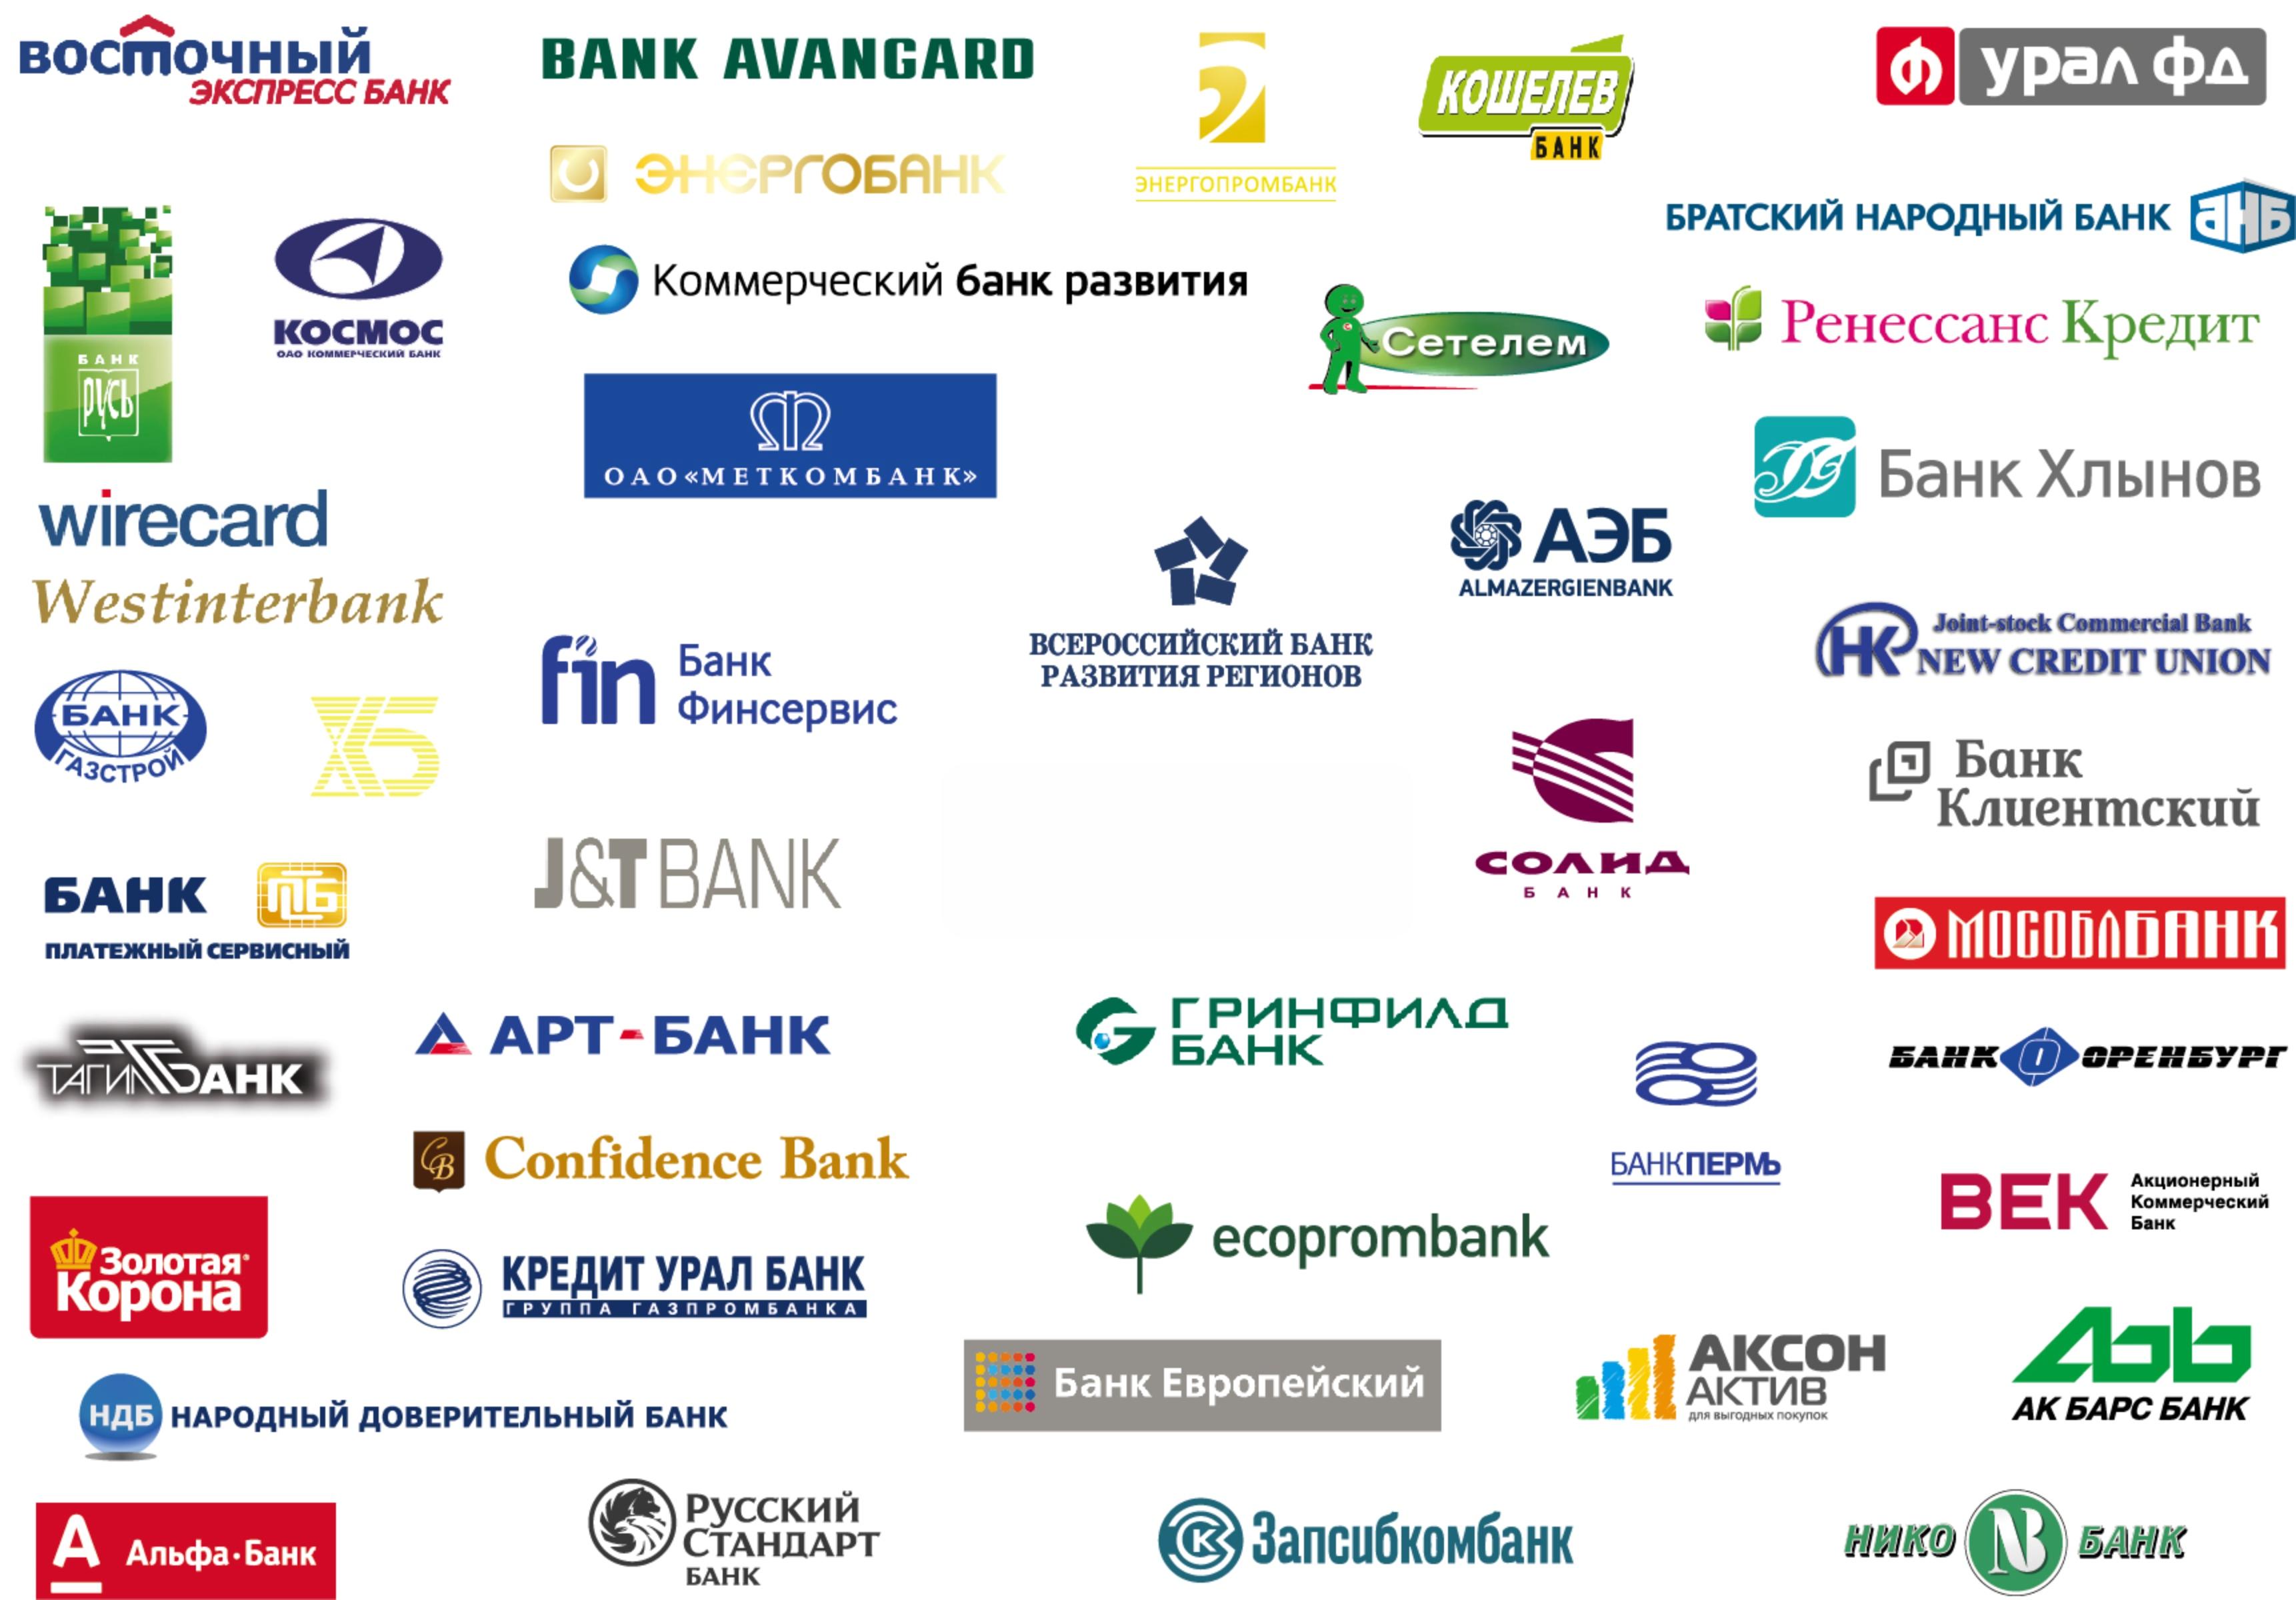 рейтинг банка авангард по россии в 2015году афиша Более